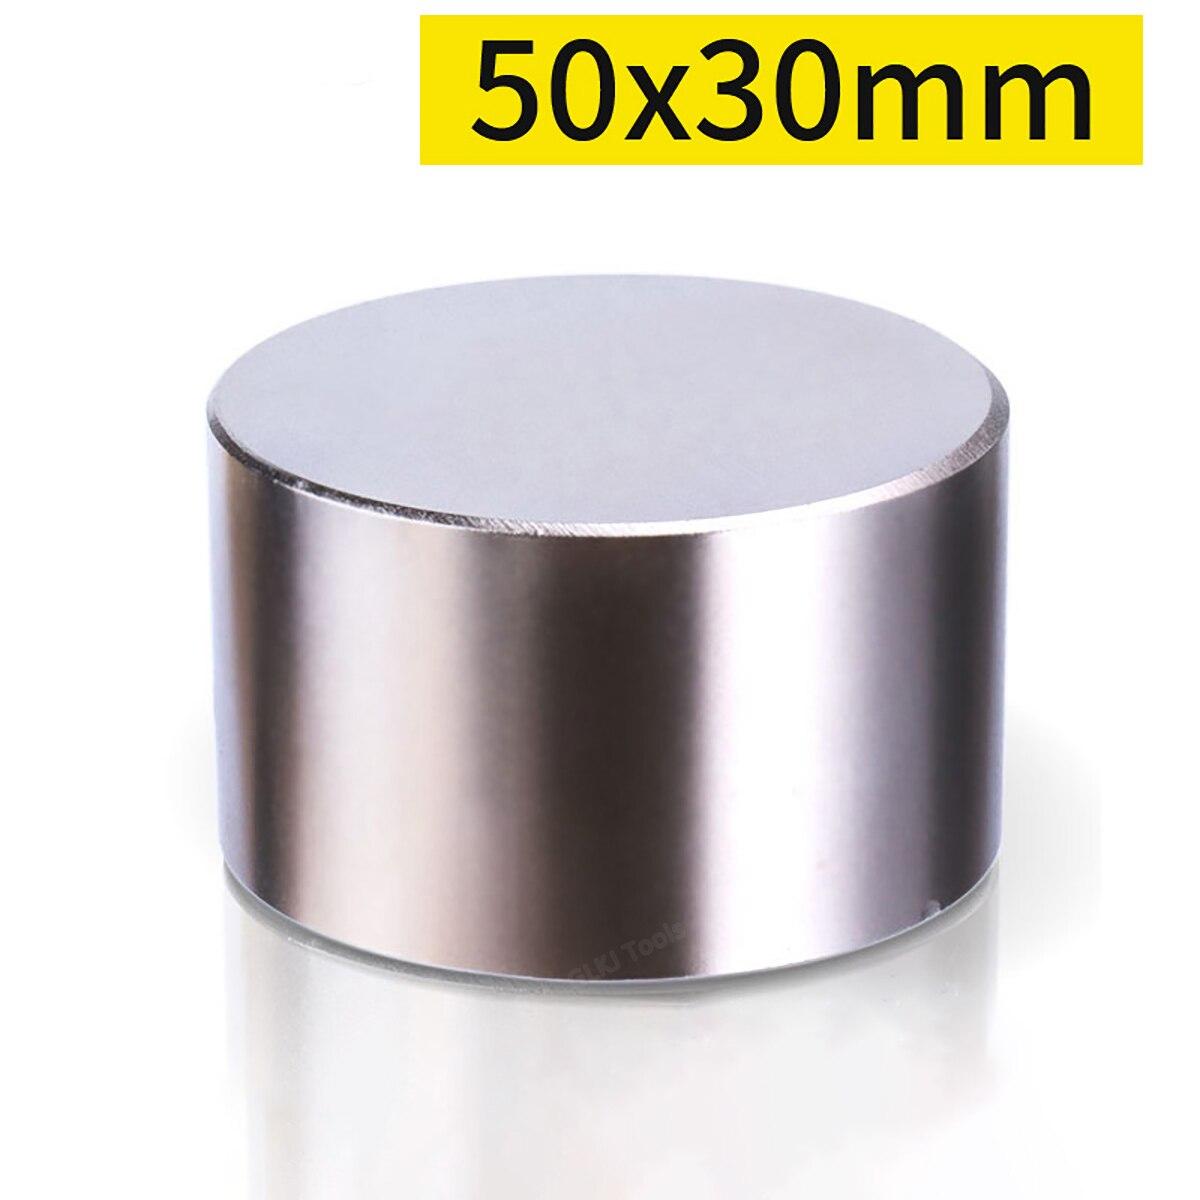 20 قطعة Φ 4 مللي متر مغنطيس النيوديميوم مغناطيس صغير سمك القرص 1/1.5/2/3/4/5/6 مللي متر الأرض النادرة مغناطيس دائم قوي N35